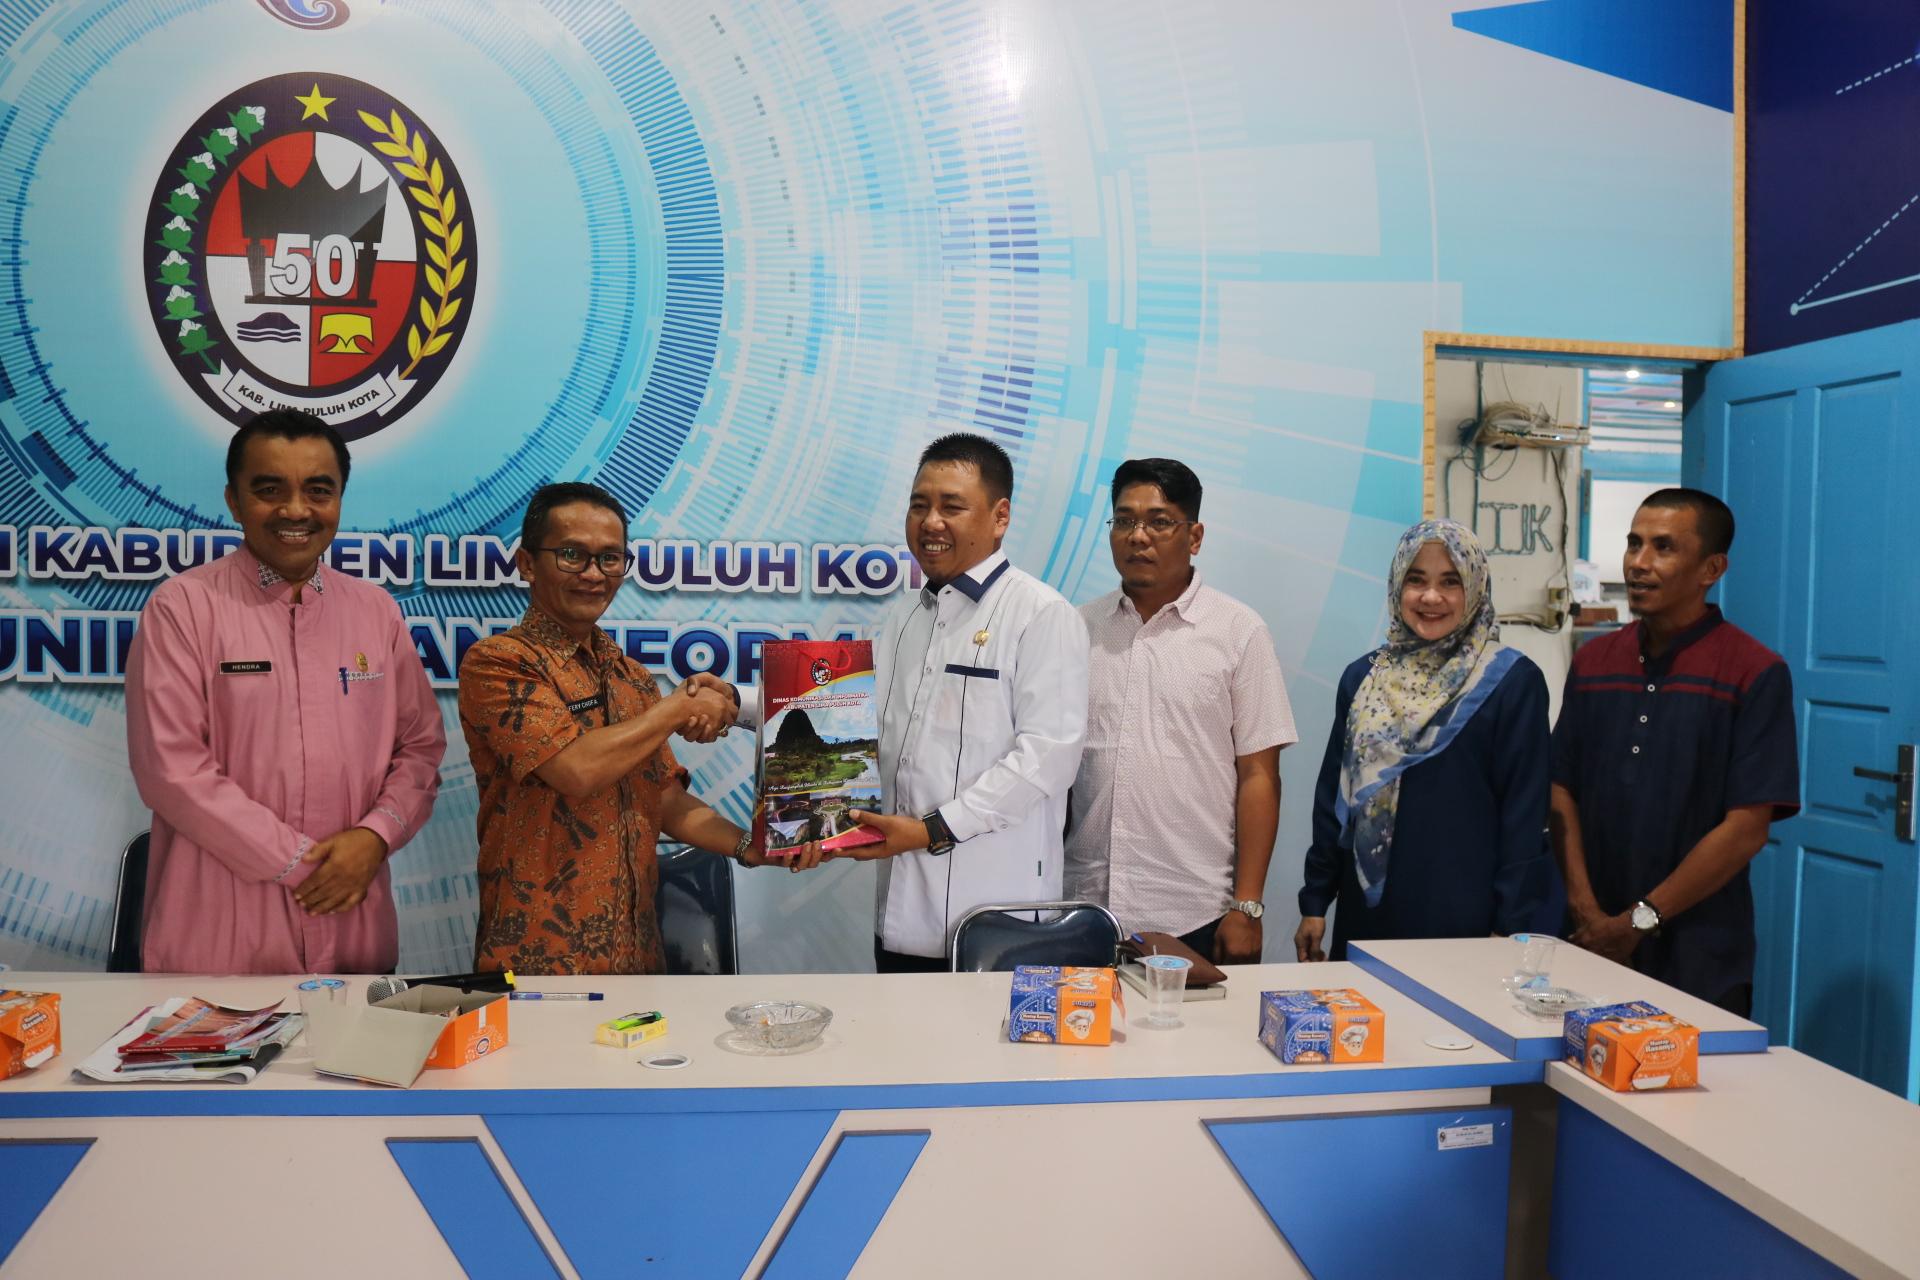 Komisi I DPRD Indragiri Hilir Lakukan Kunjungan Kerja ke Diskominfo Lima Puluh Kota